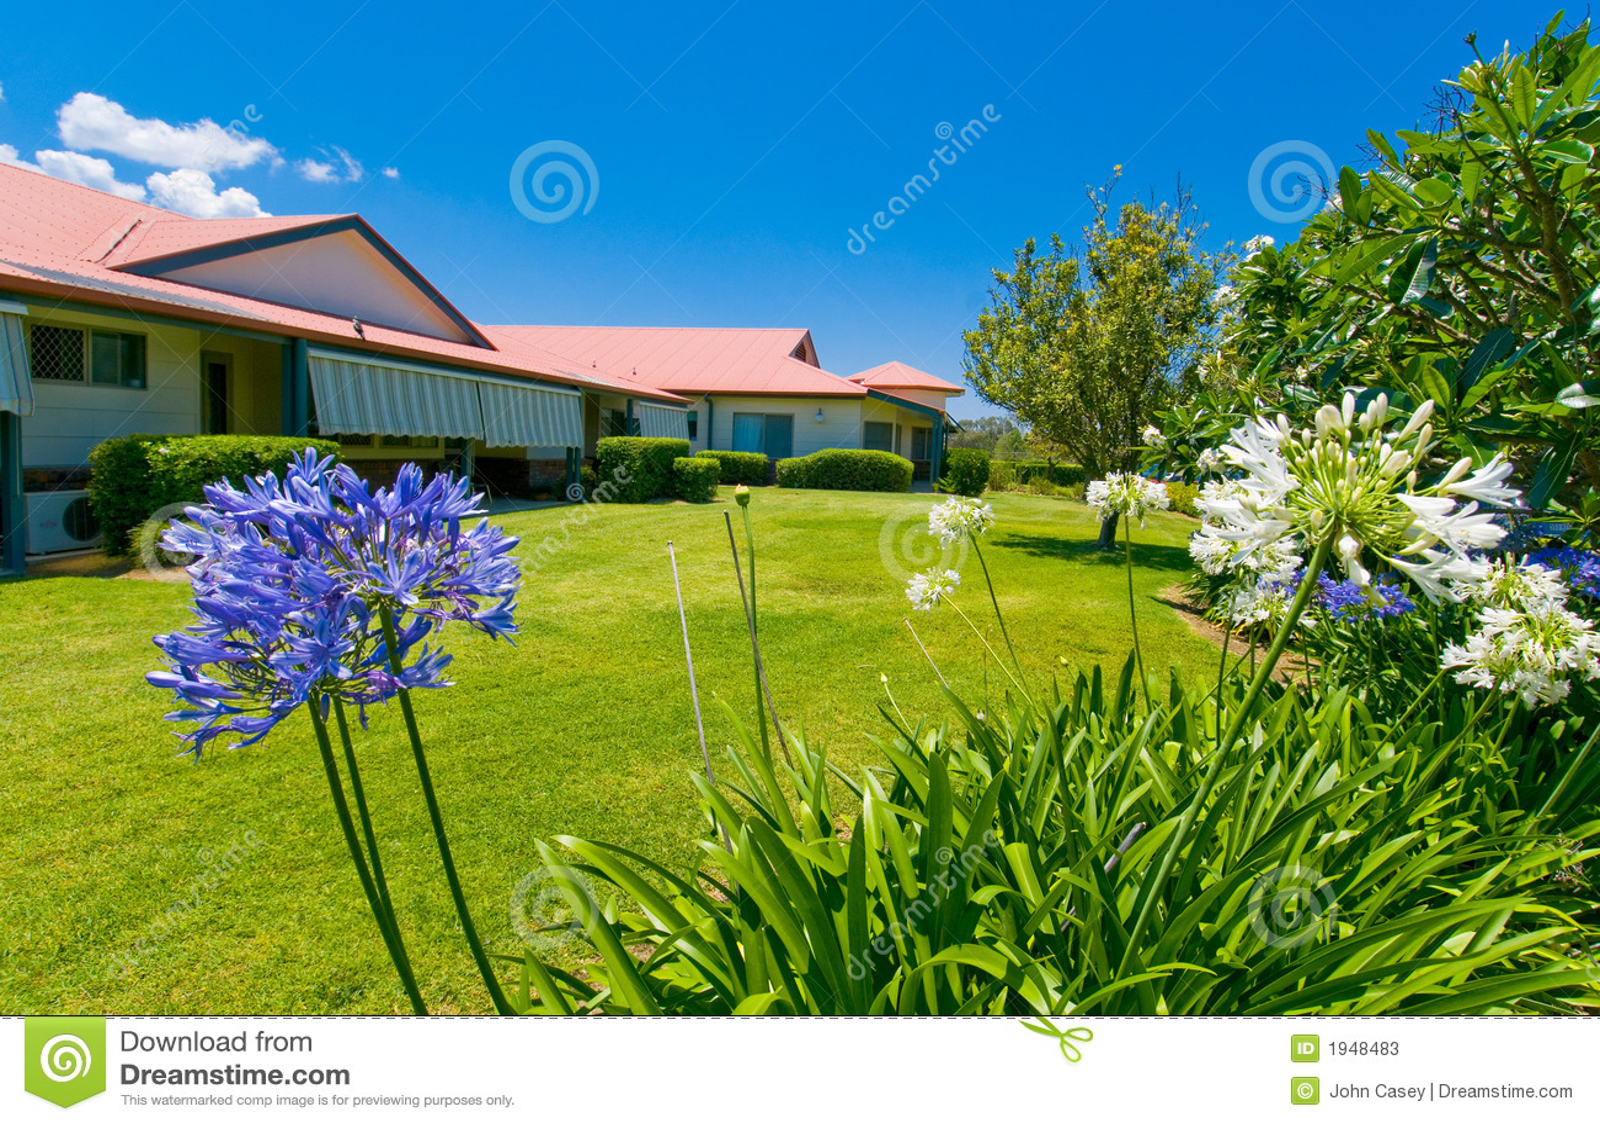 Jardines hermosos en la parte posterior de la casa imagen for Fotos de jardines de casas